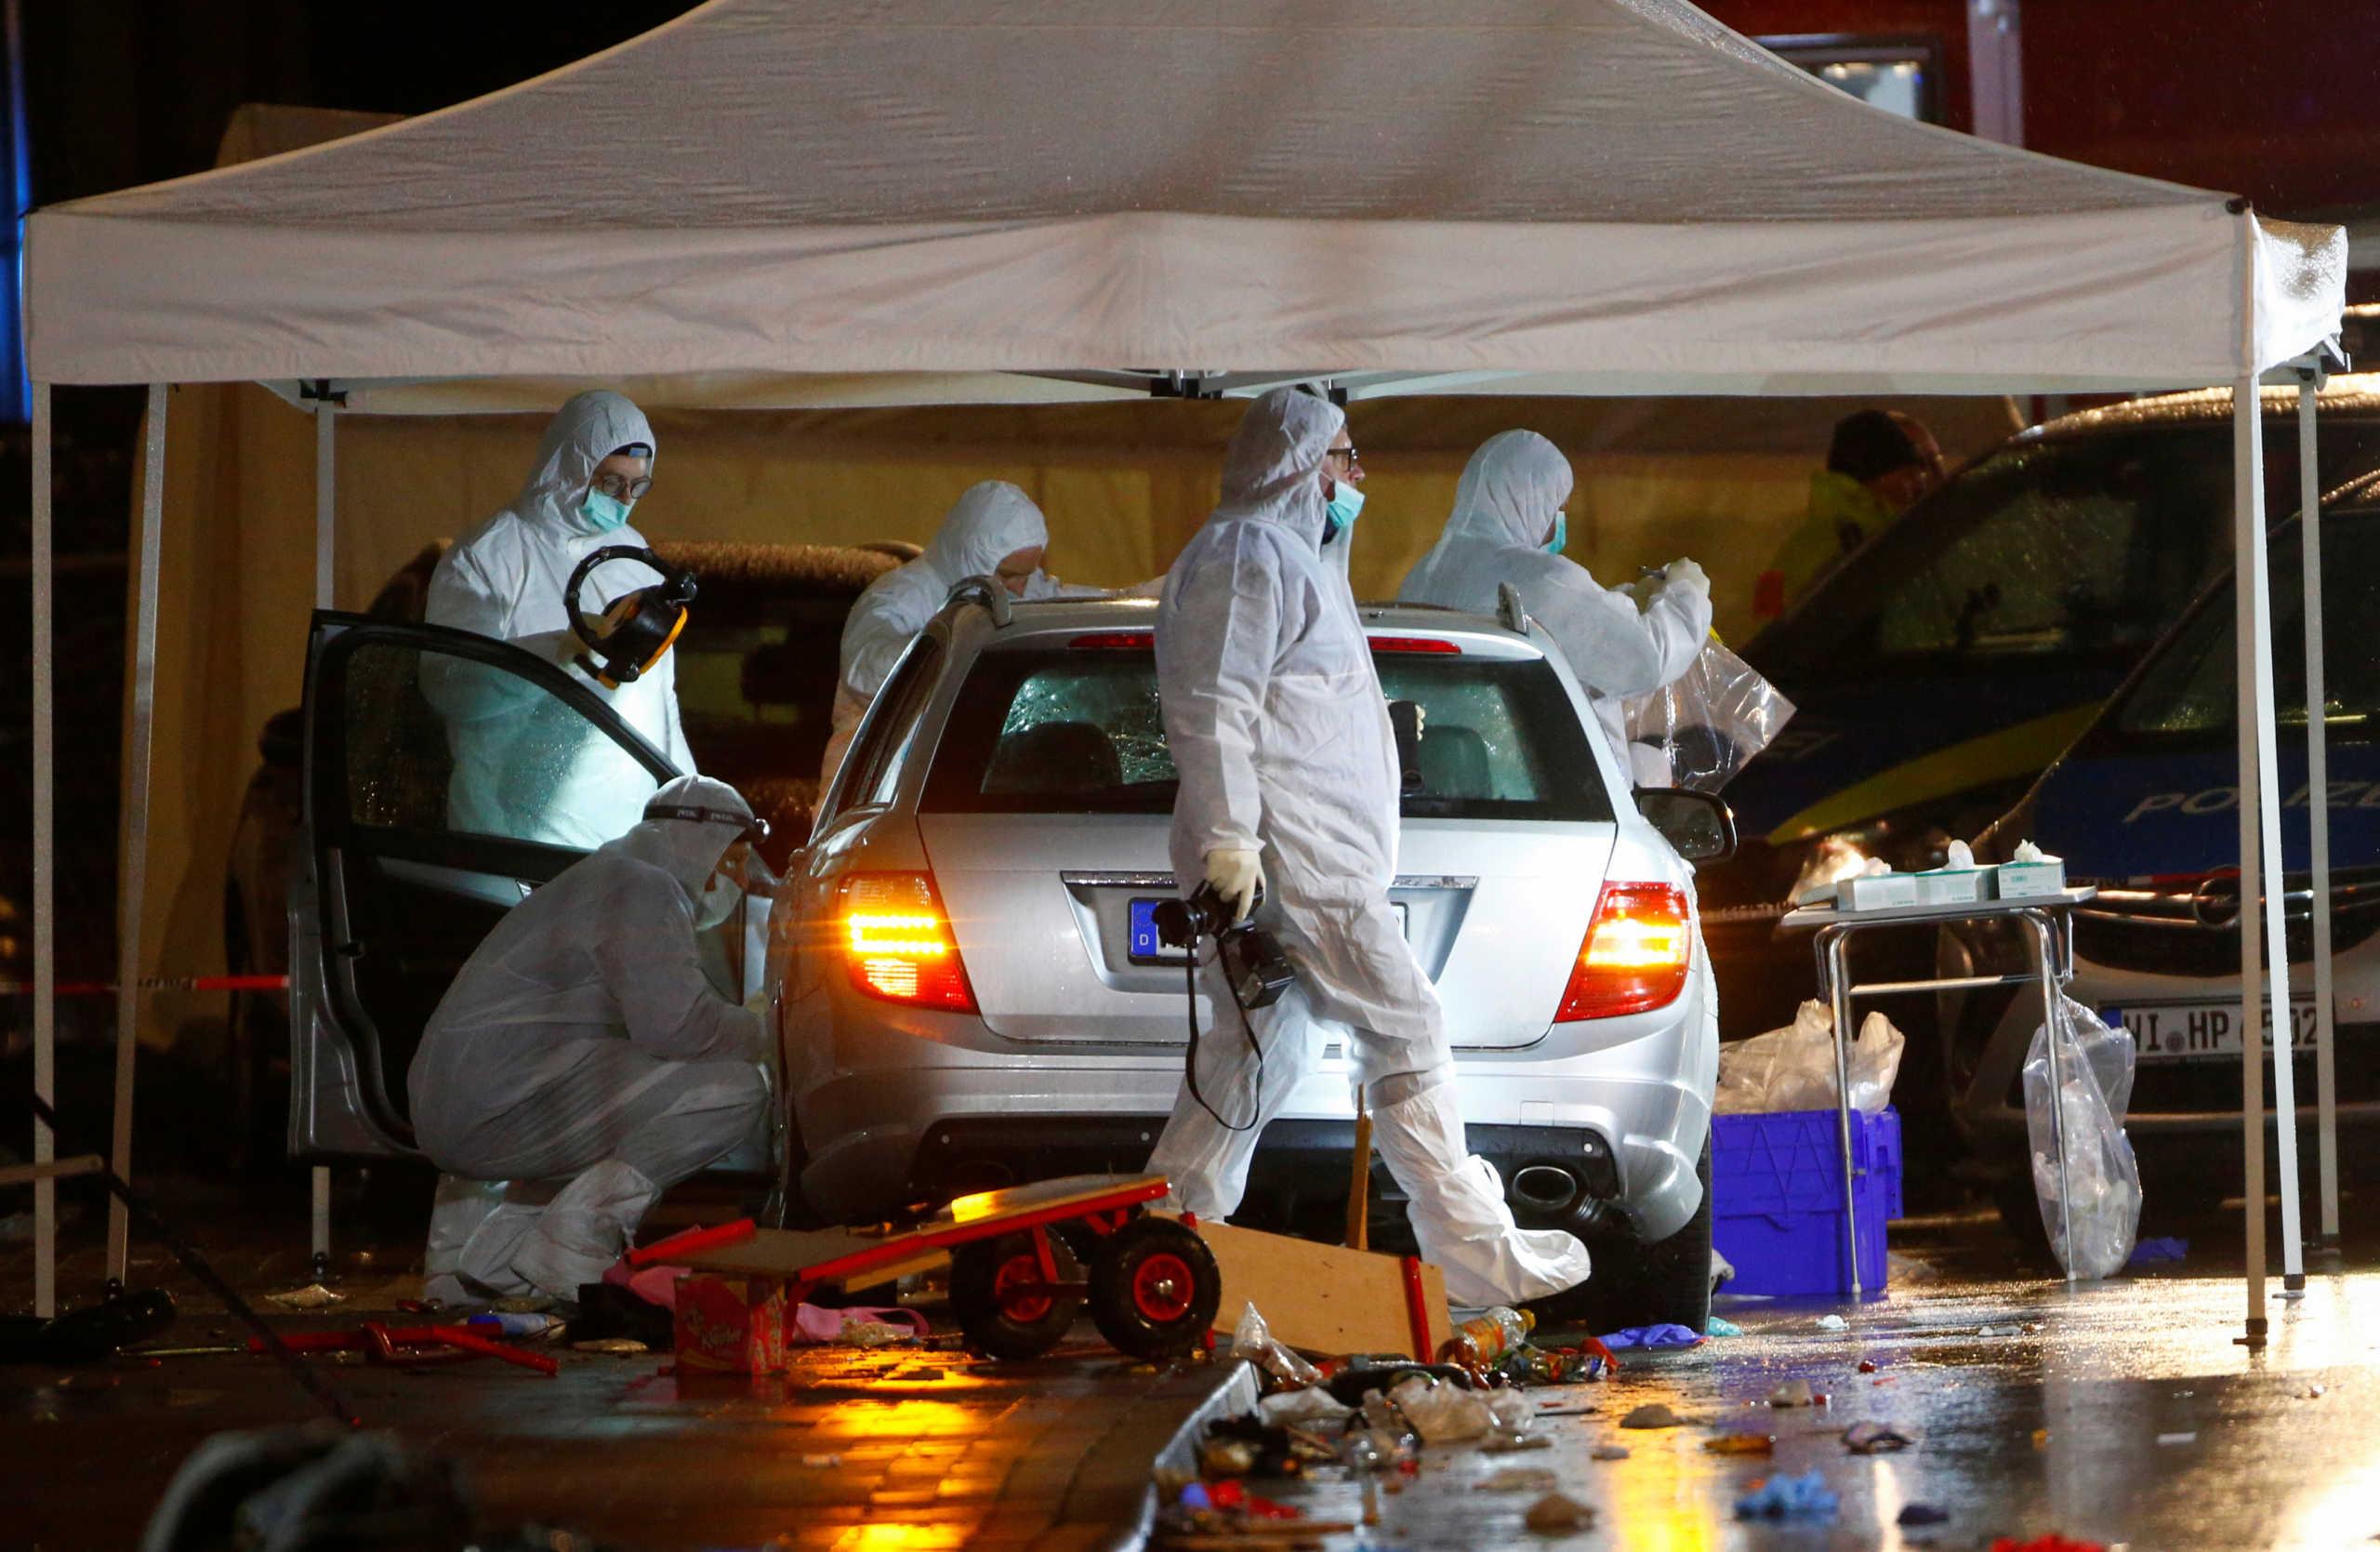 Σε σοκ η Γερμανία! Ψάχνουν τα κίνητρα του δράστη που έριξε το αυτοκίνητό του σε 52 καρναβαλιστές!